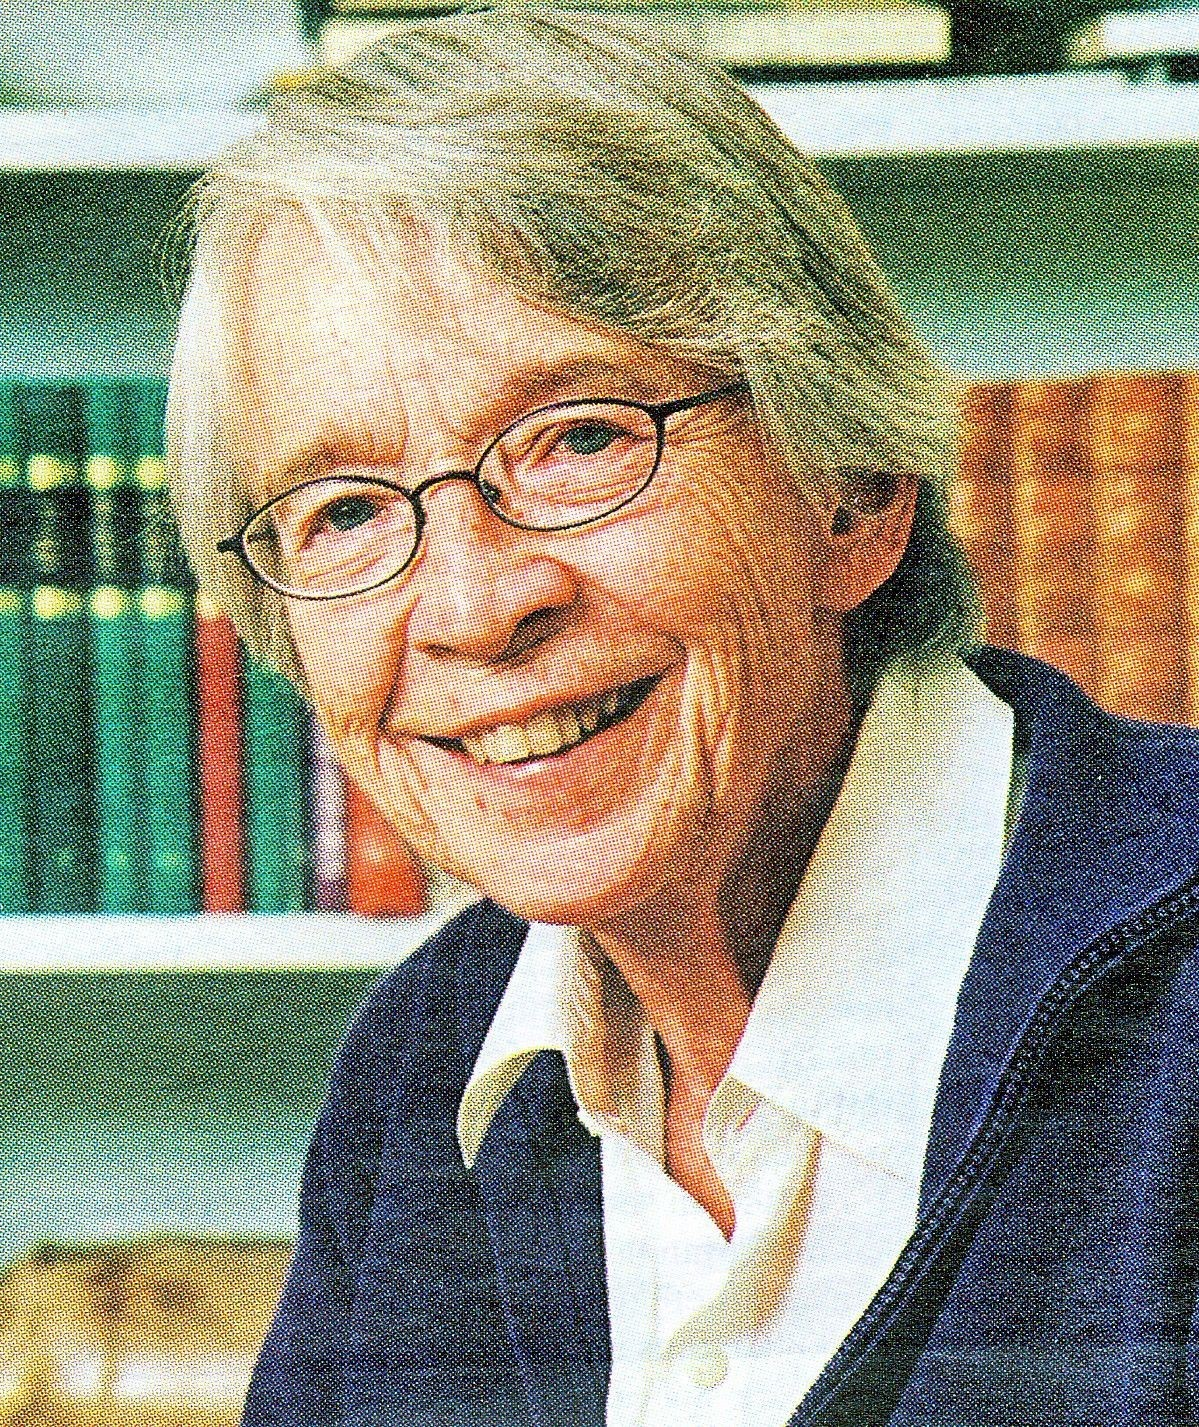 Kajsa Sundström, 2001. Photographer unknown (privately owned image)